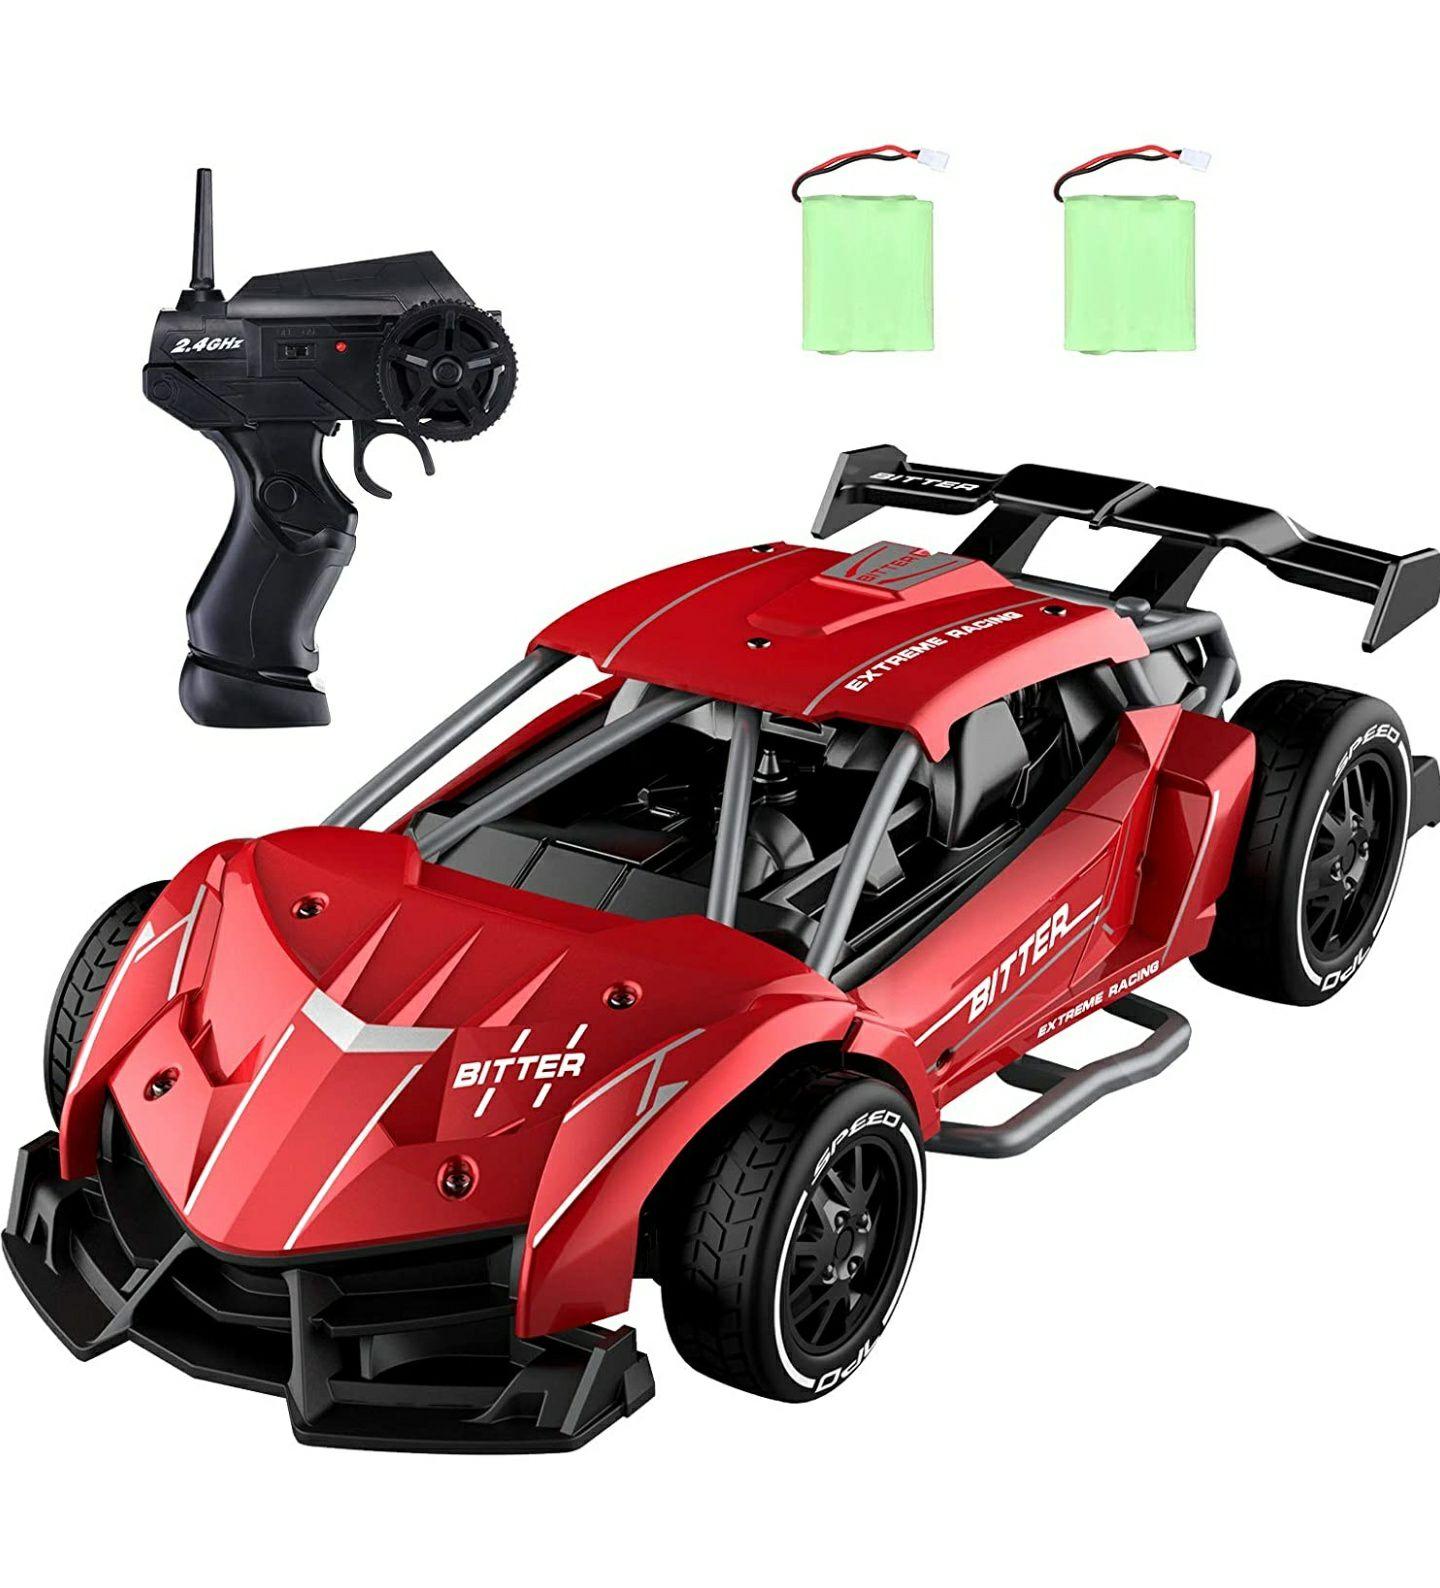 Bestuurbare speelgoedauto [EC05] (grijs of rood) @ Amazon.de